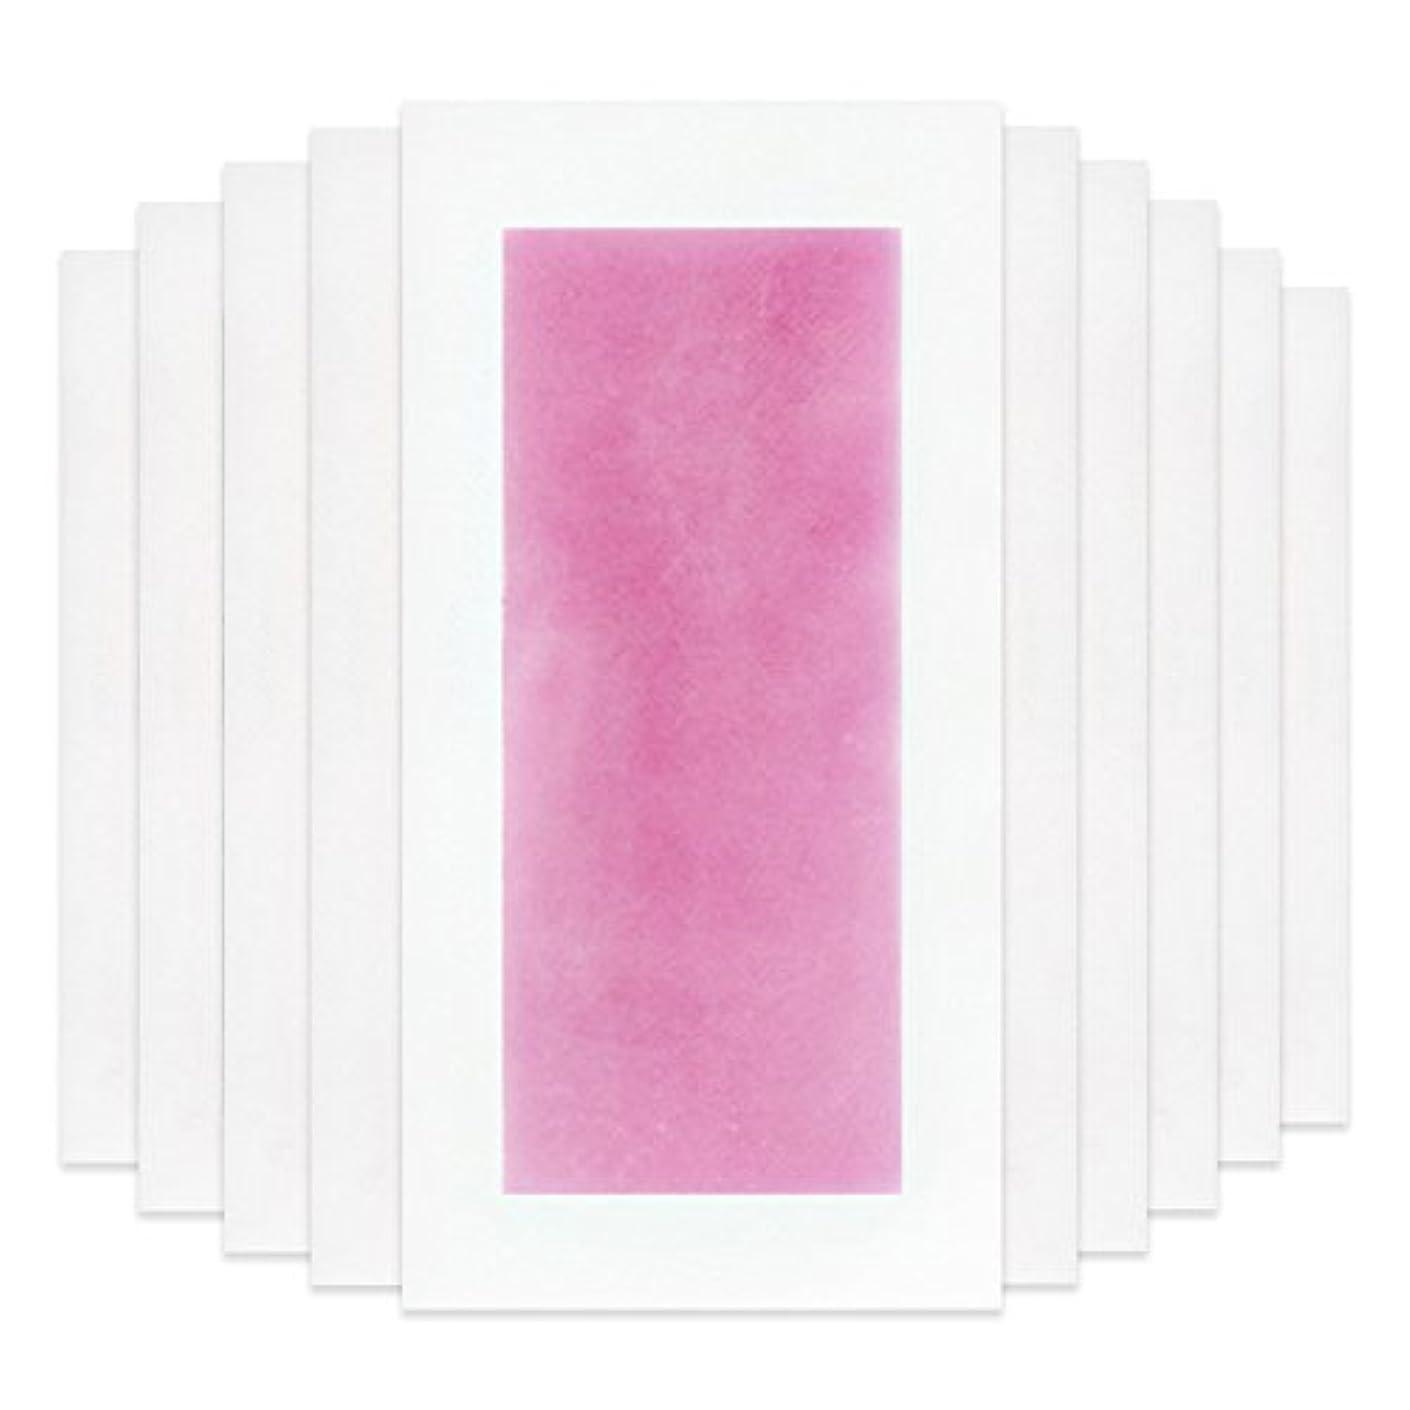 フェロー諸島モデレータ登るRaiFu 脱毛 コールド ワックス ストリップ 紙 脱毛紙 プロフェッショナル 夏の脱毛 ダブル サイド ボディ除毛 10個 ピンク